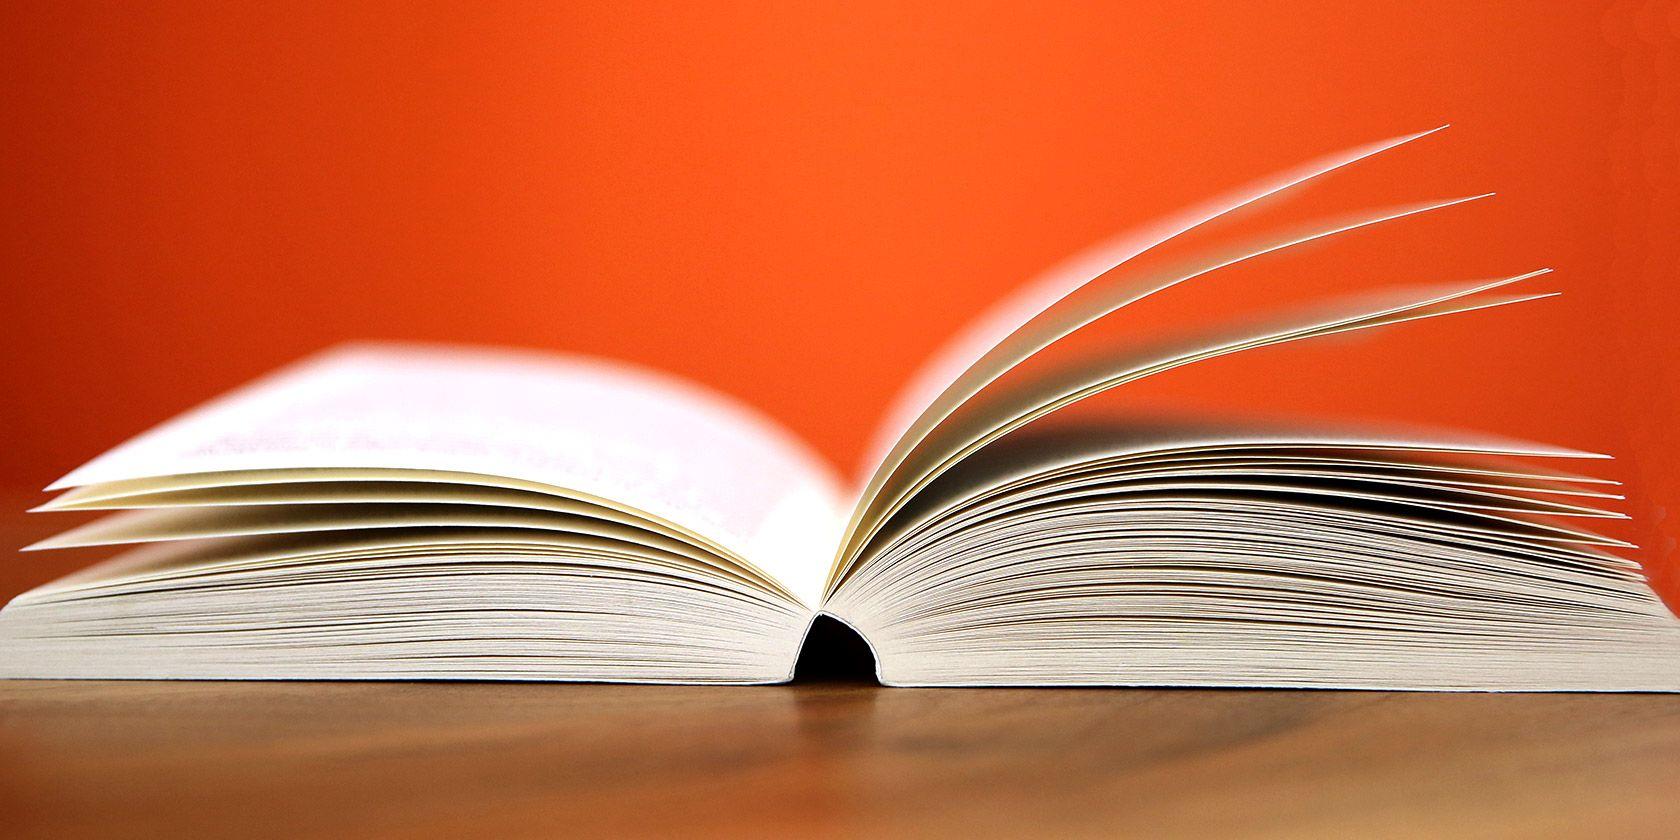 chegg books download